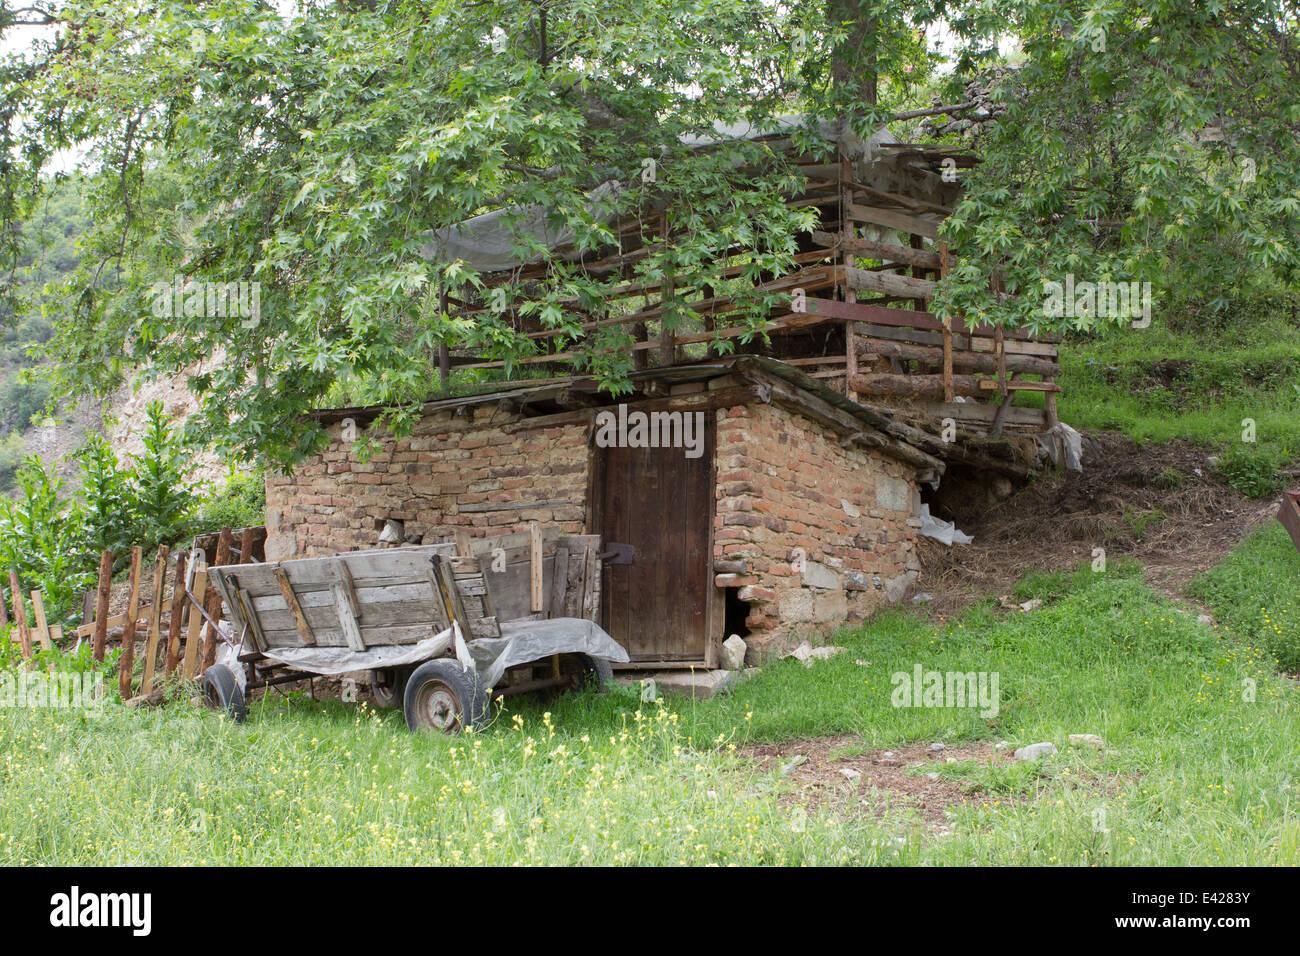 Farmer Car with barn in Bulgaria - Stock Image